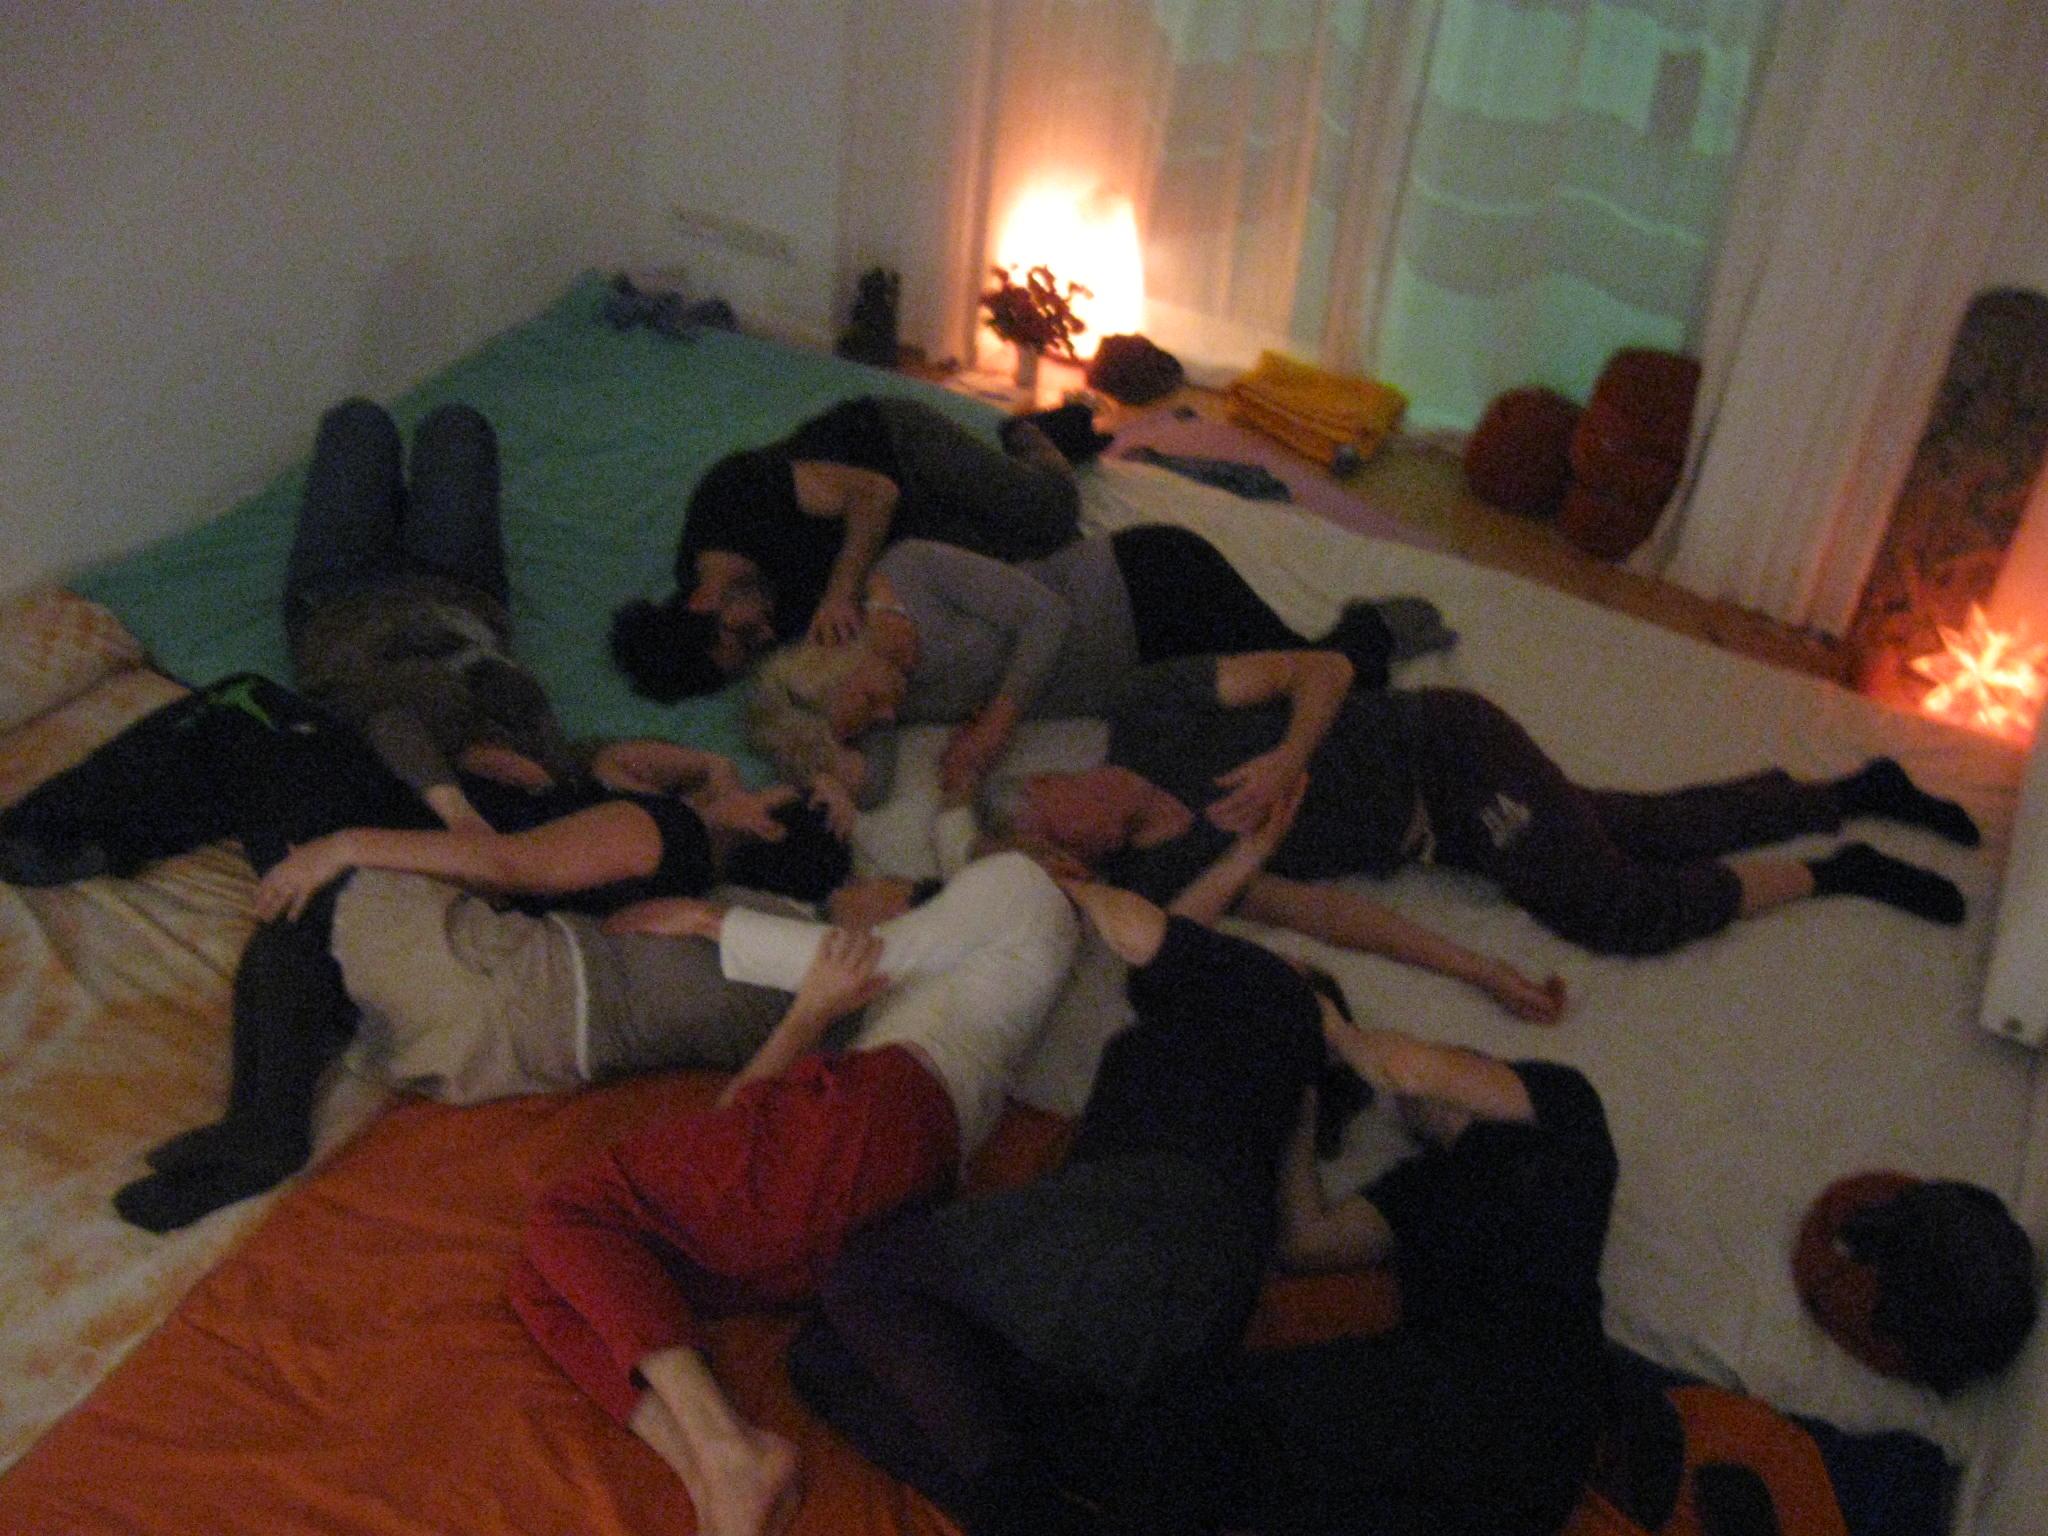 lockeres Kuscheln auf der Kuschelparty Kanzowkuscheln in Berlin - cuddling on a cuddle party